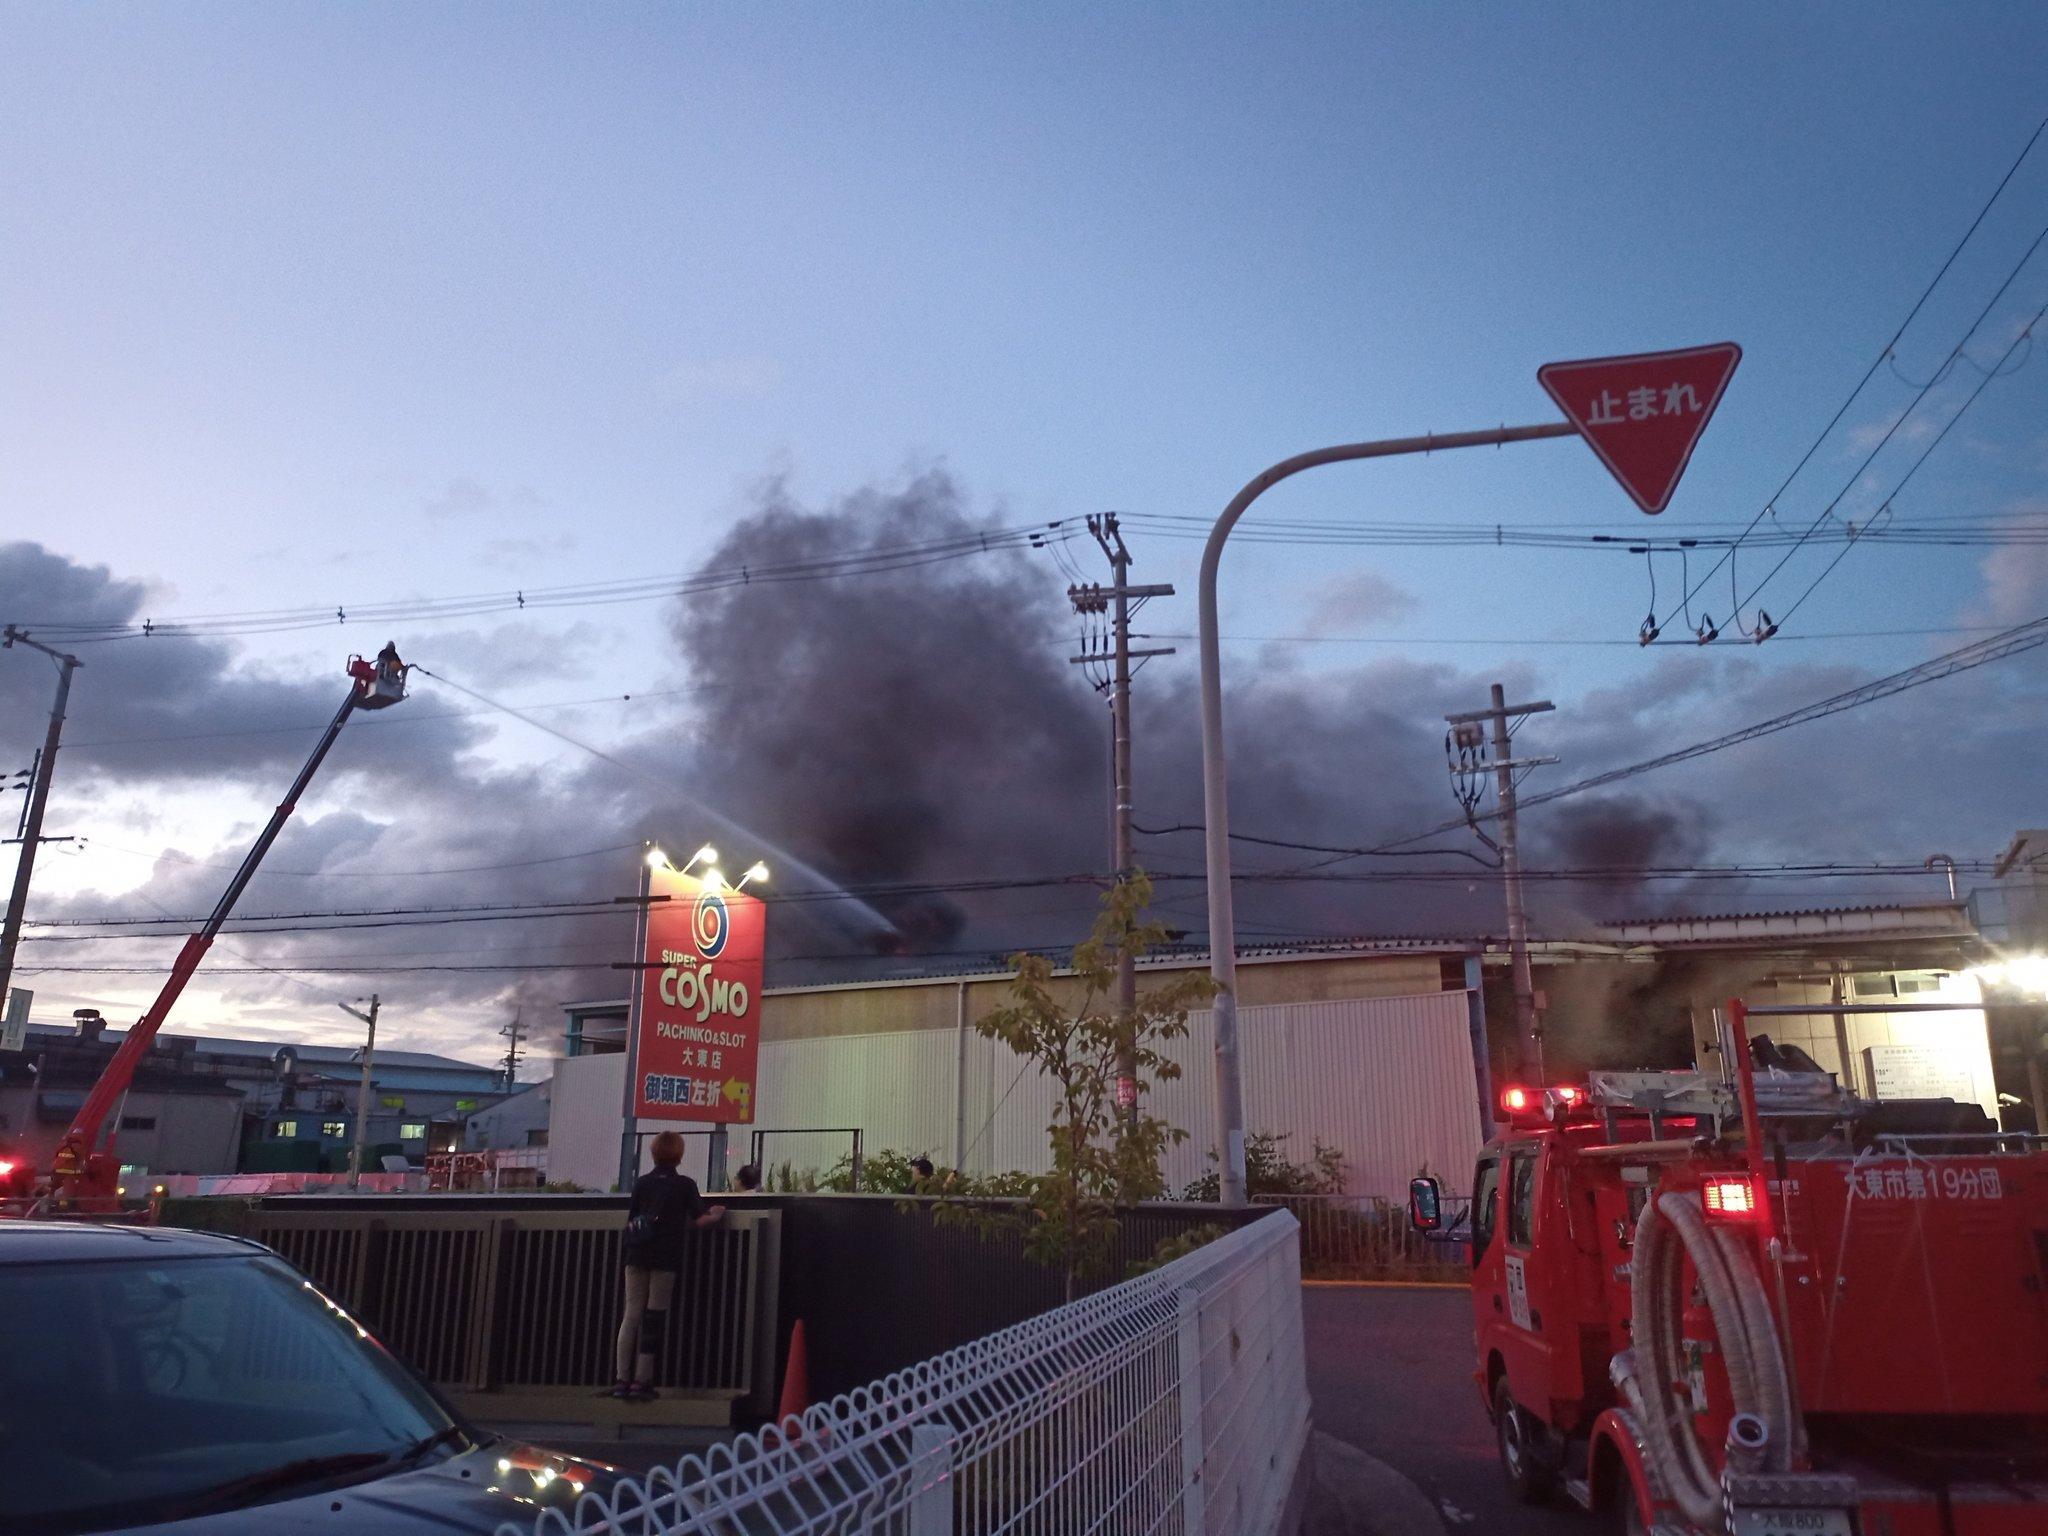 大東市の産業工場で爆発火災が起きている画像